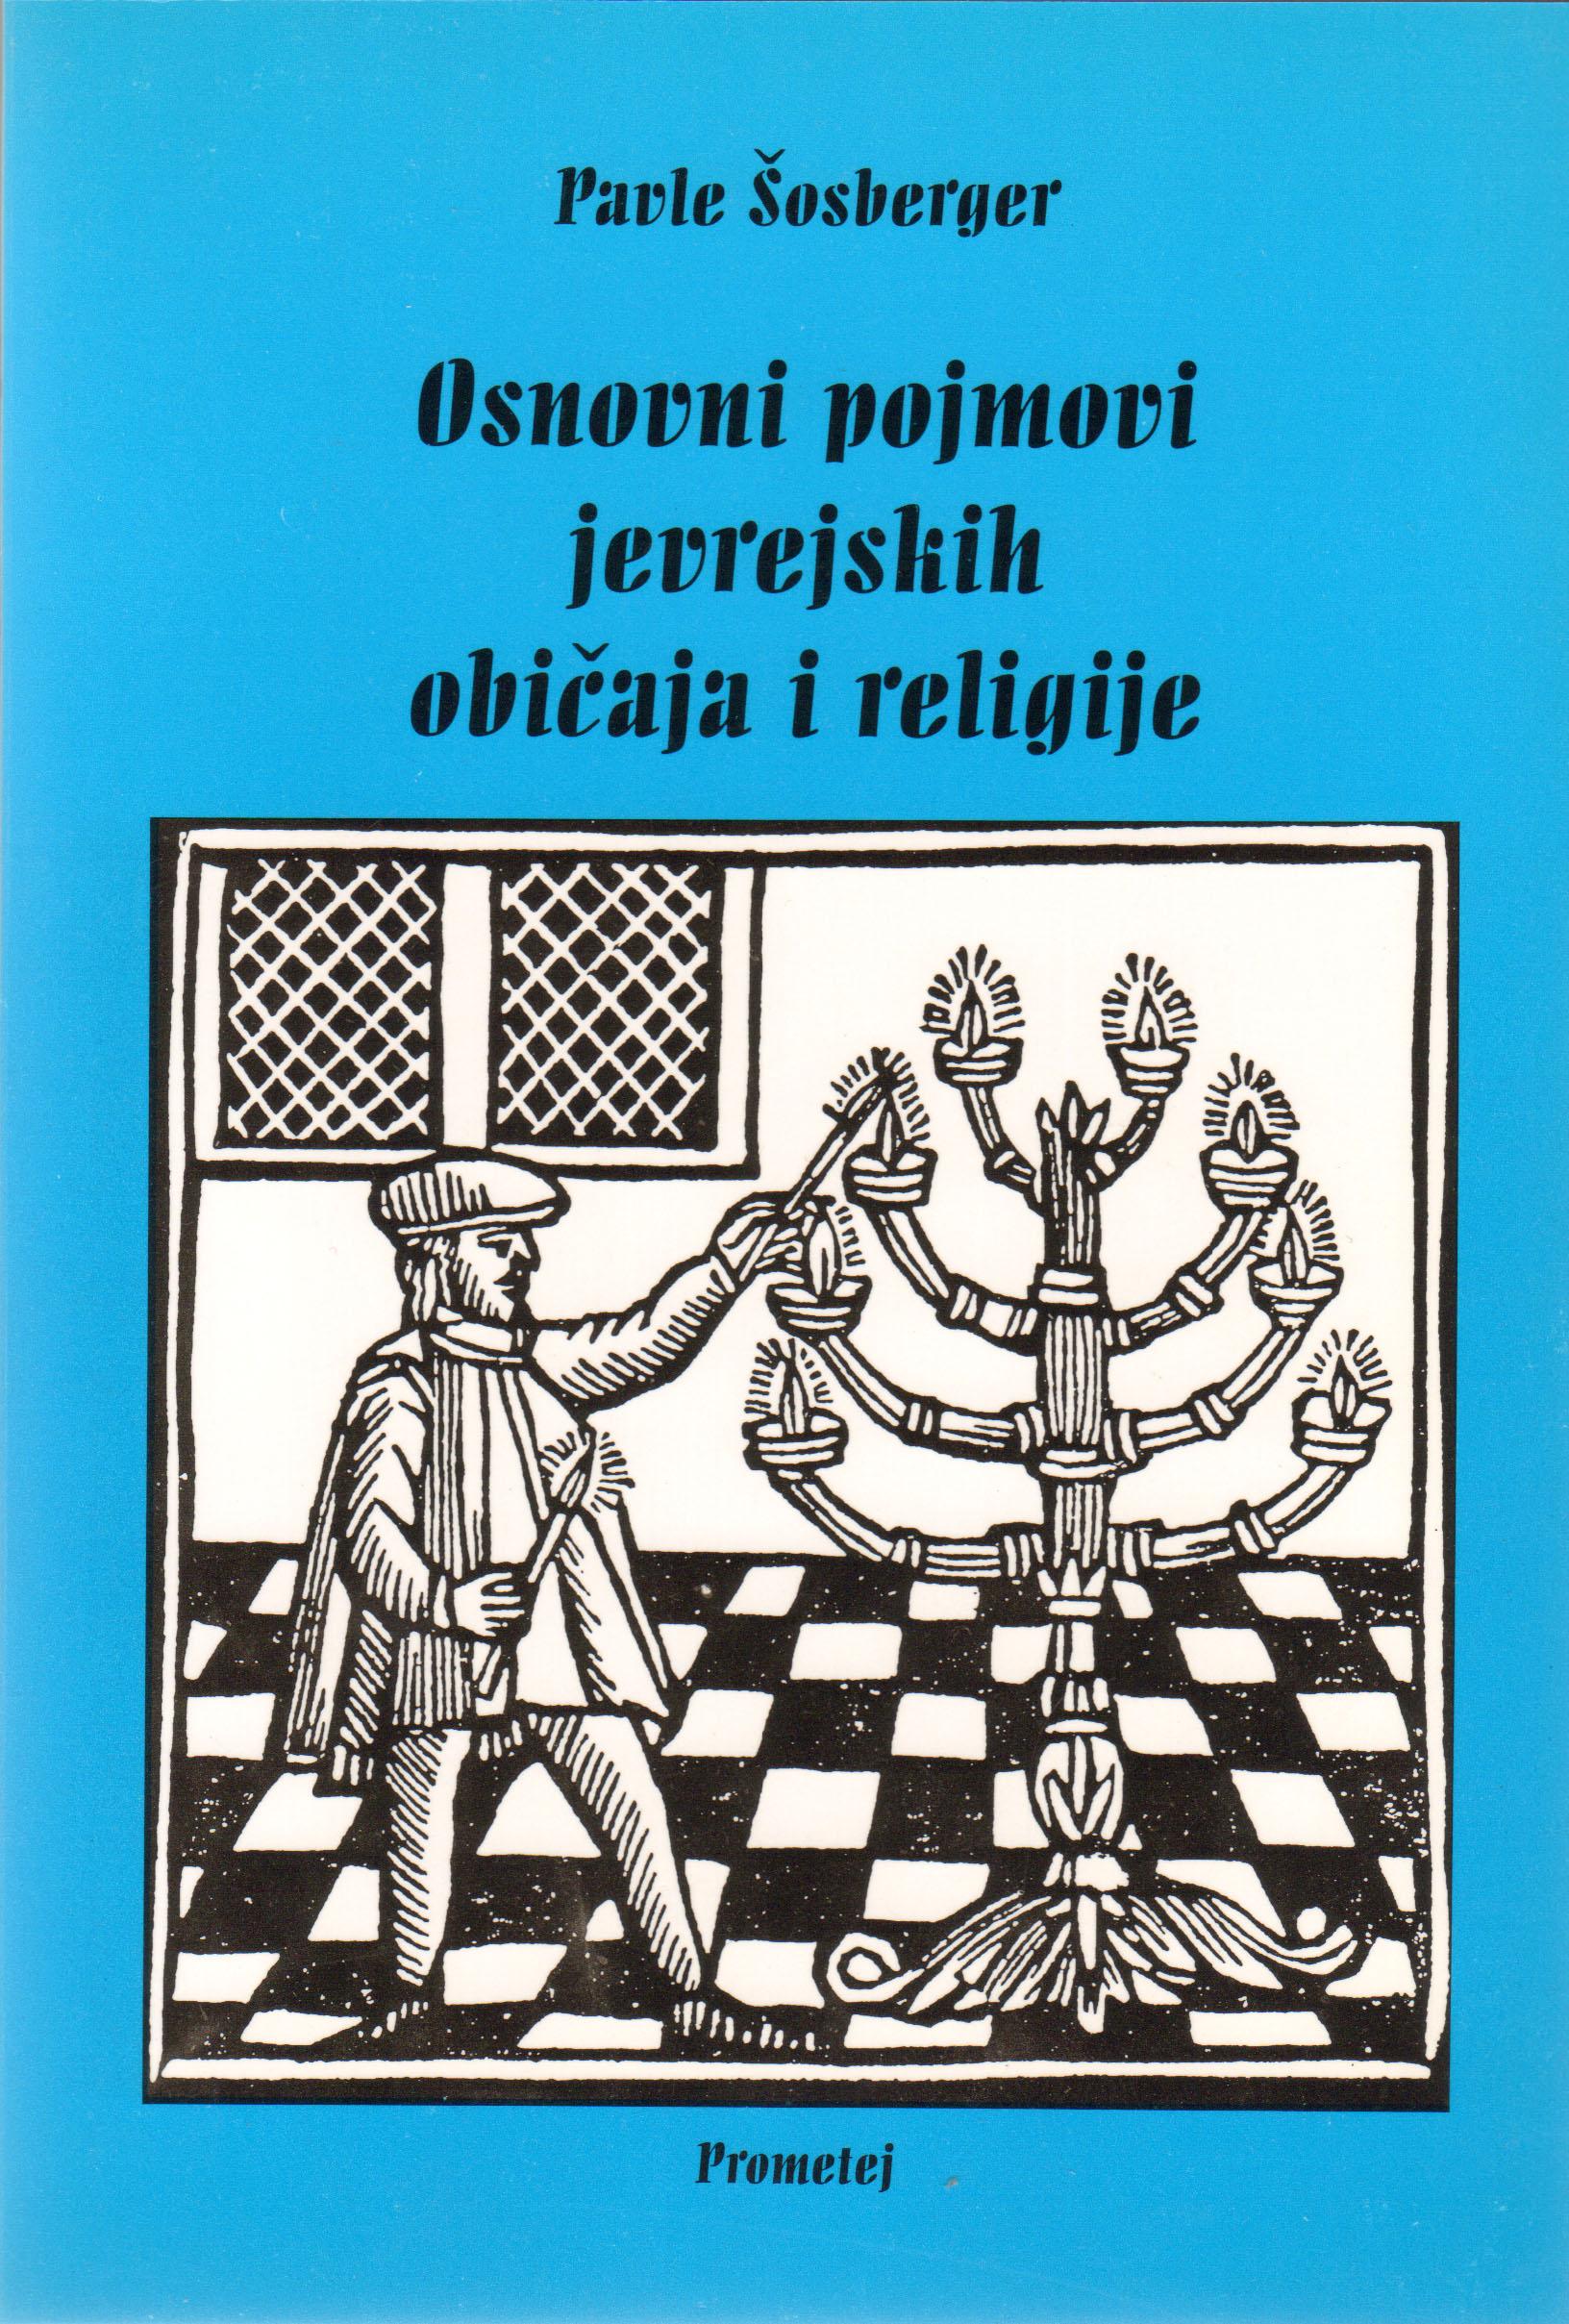 Основни појмови јеврејских обичаја и религије